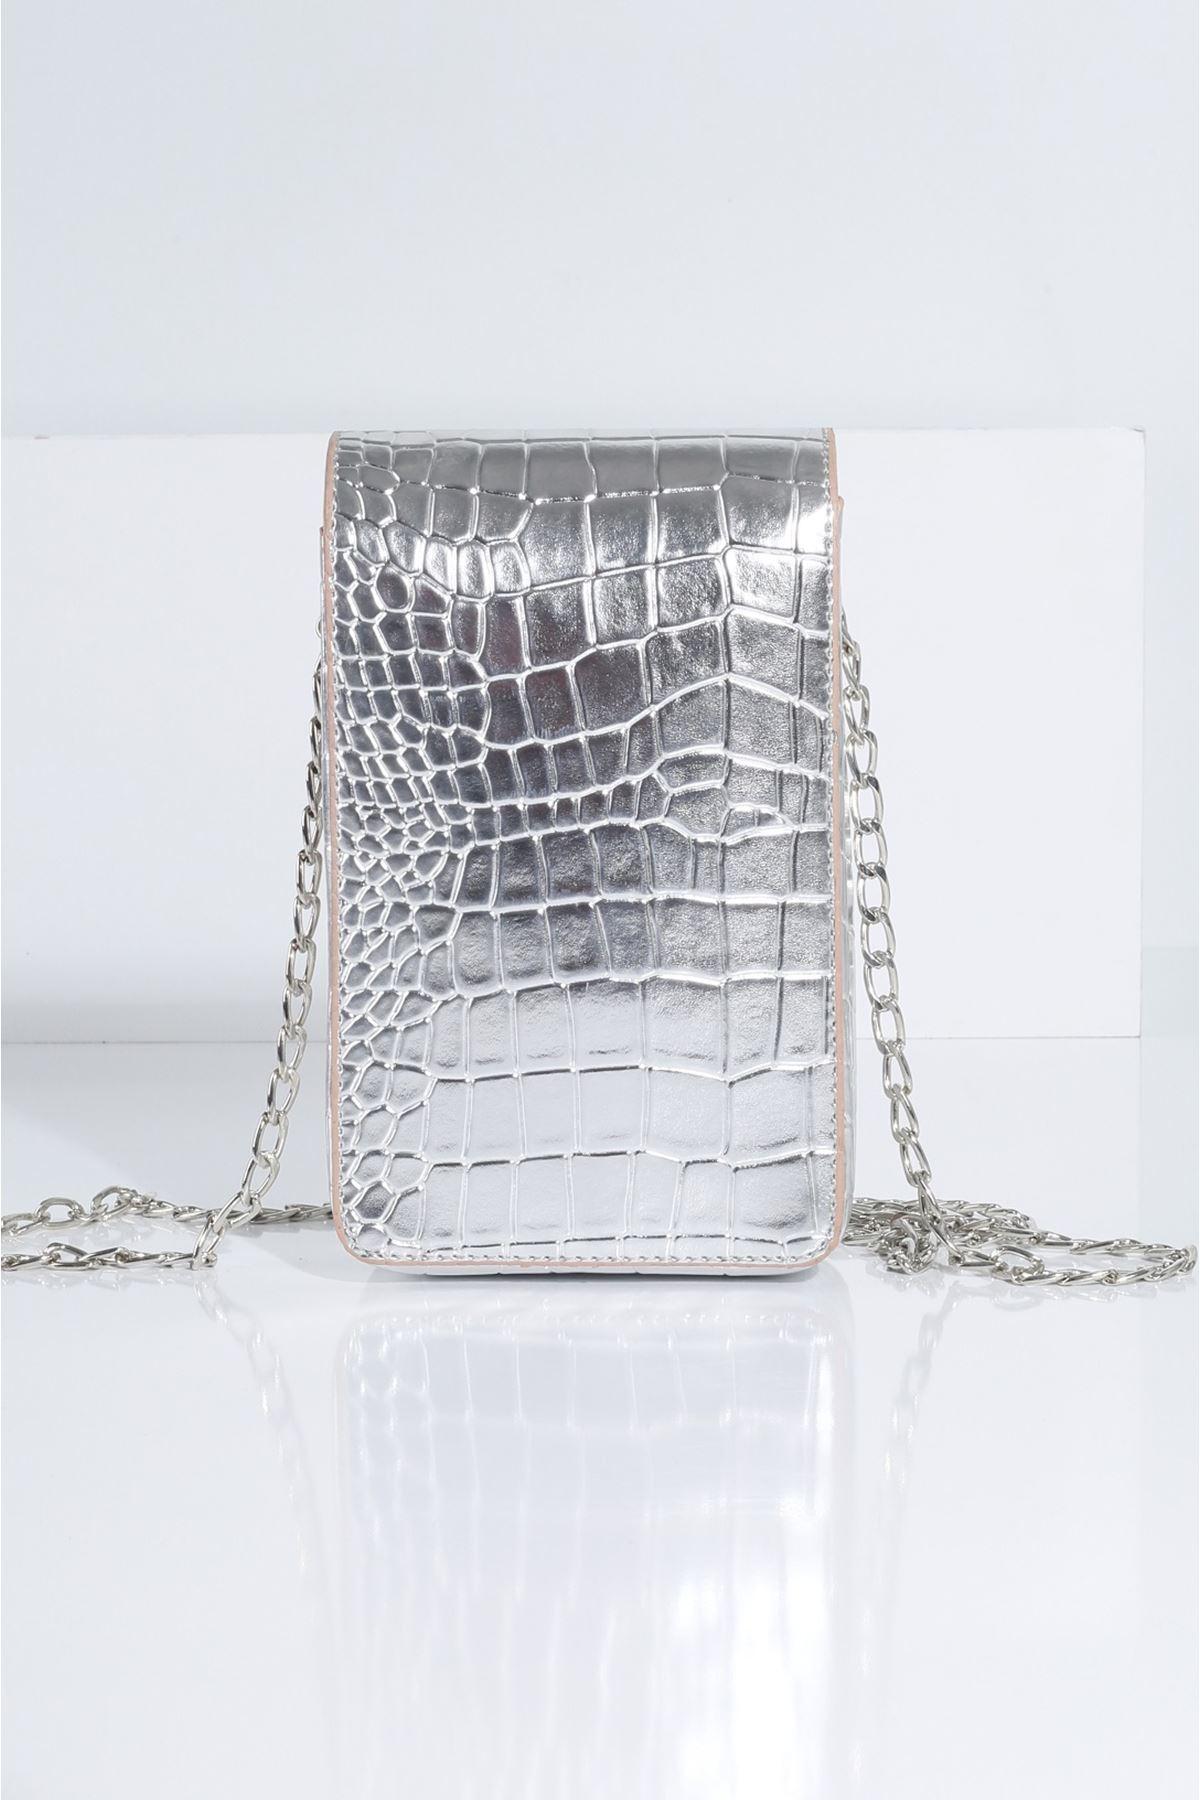 DOVO Gümüş Krokodil Kadın Çanta